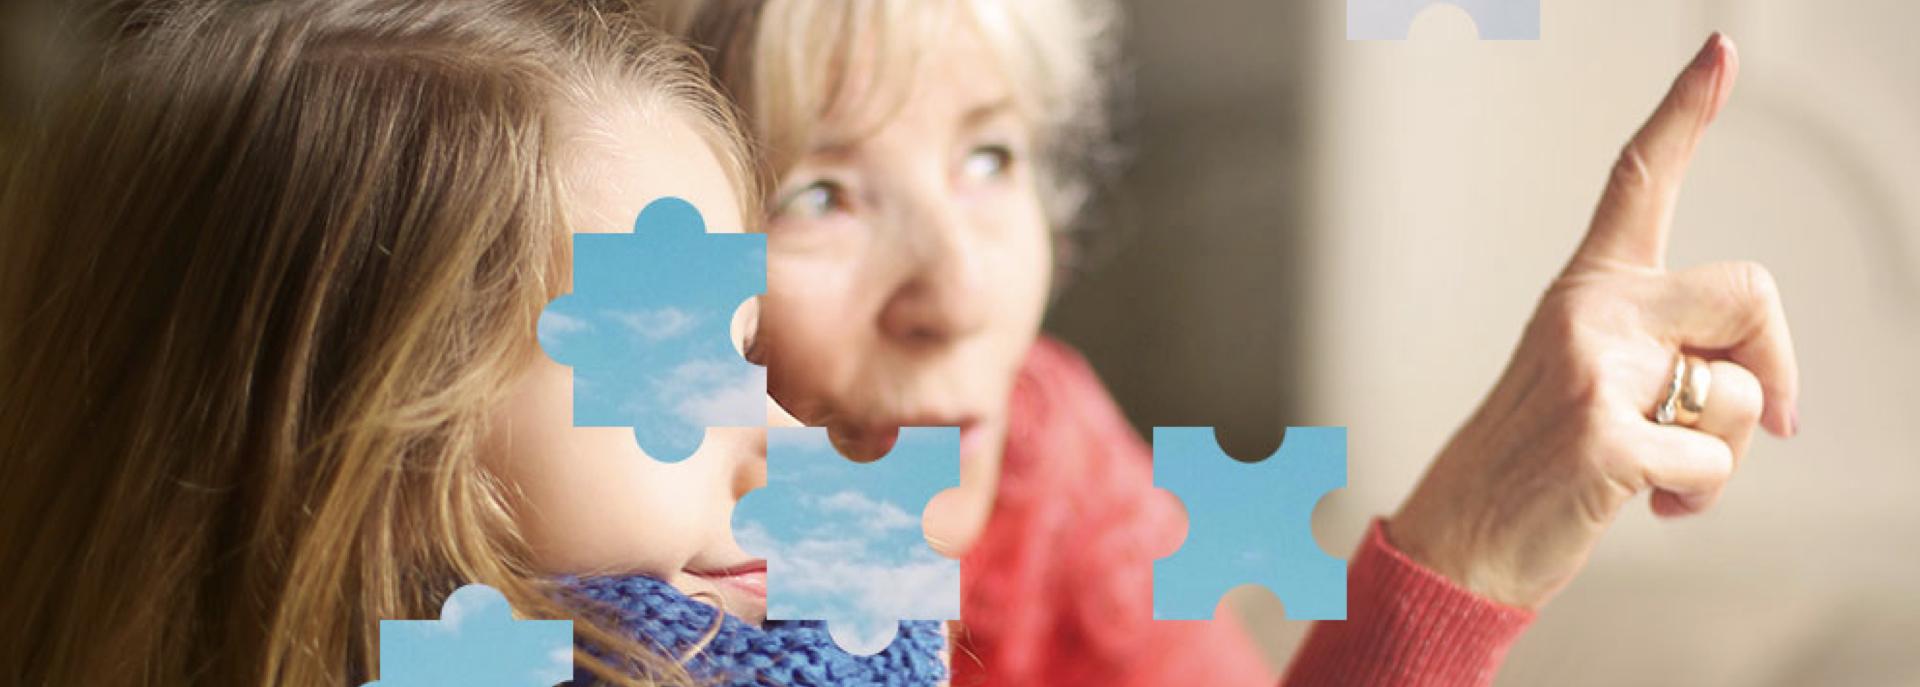 Prevenire l'Alzheimer: i 6 consigli per la salute del cervello